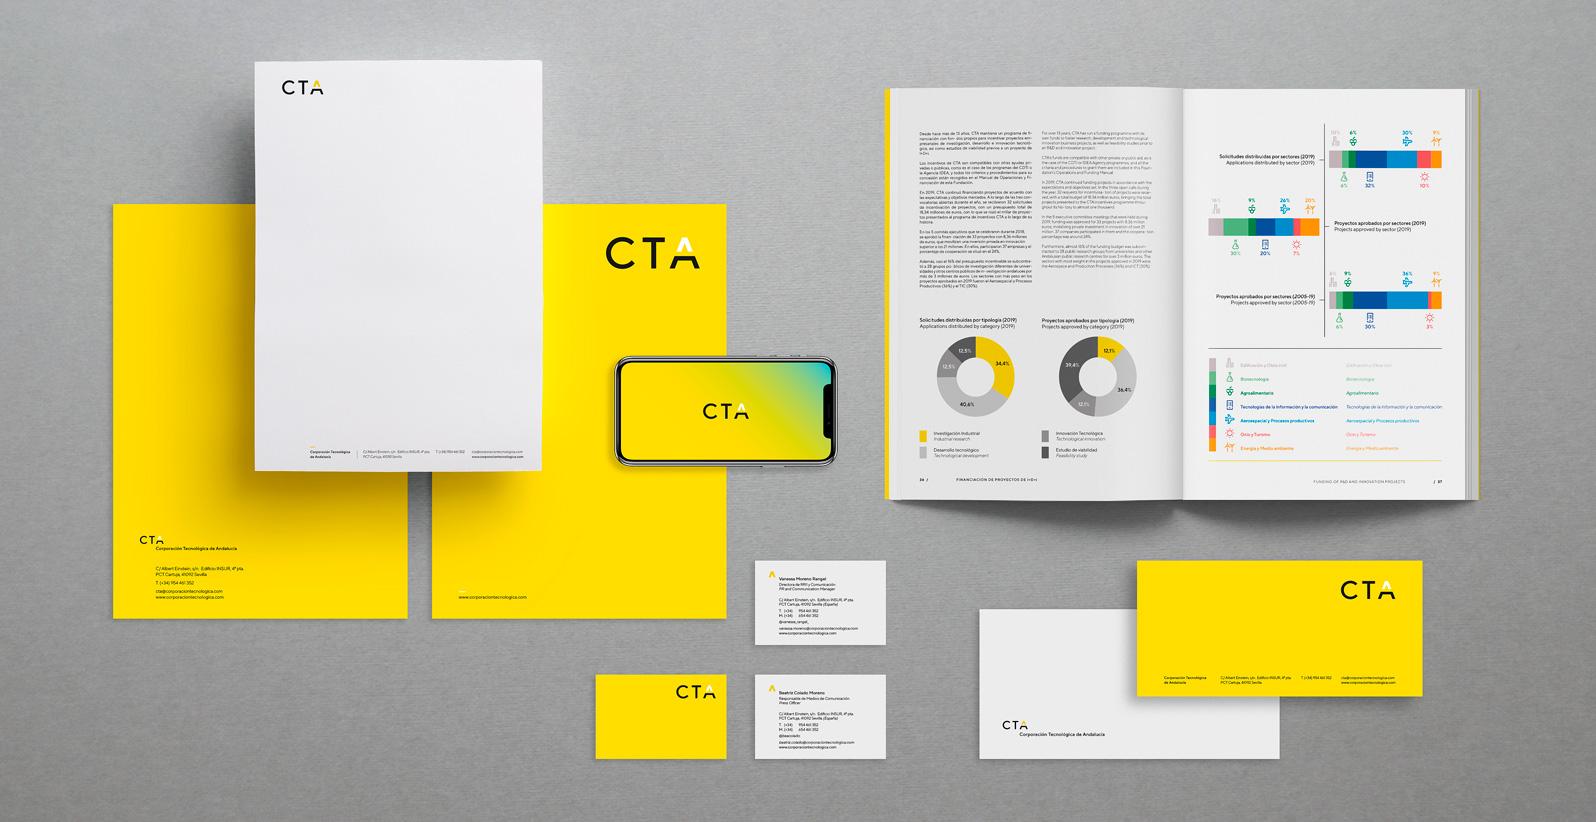 Estudio-ffuentes-CTA-1